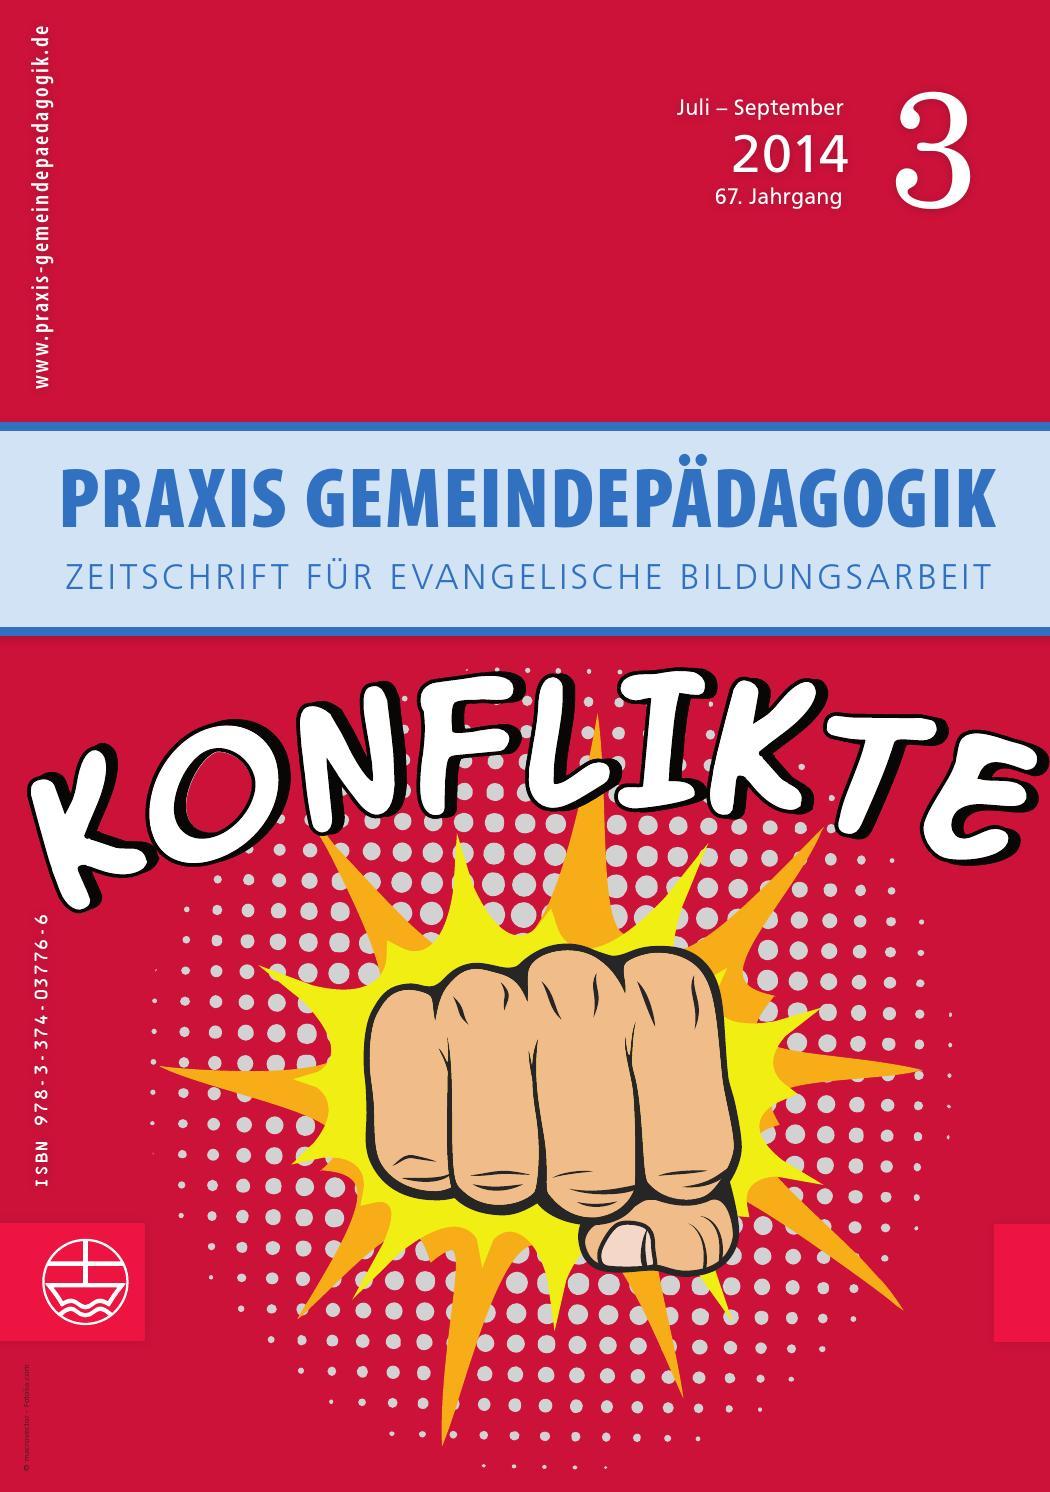 Praxis Gemeindepädagogik 3-2014 by Evangelische Verlagsanstalt GmbH ...